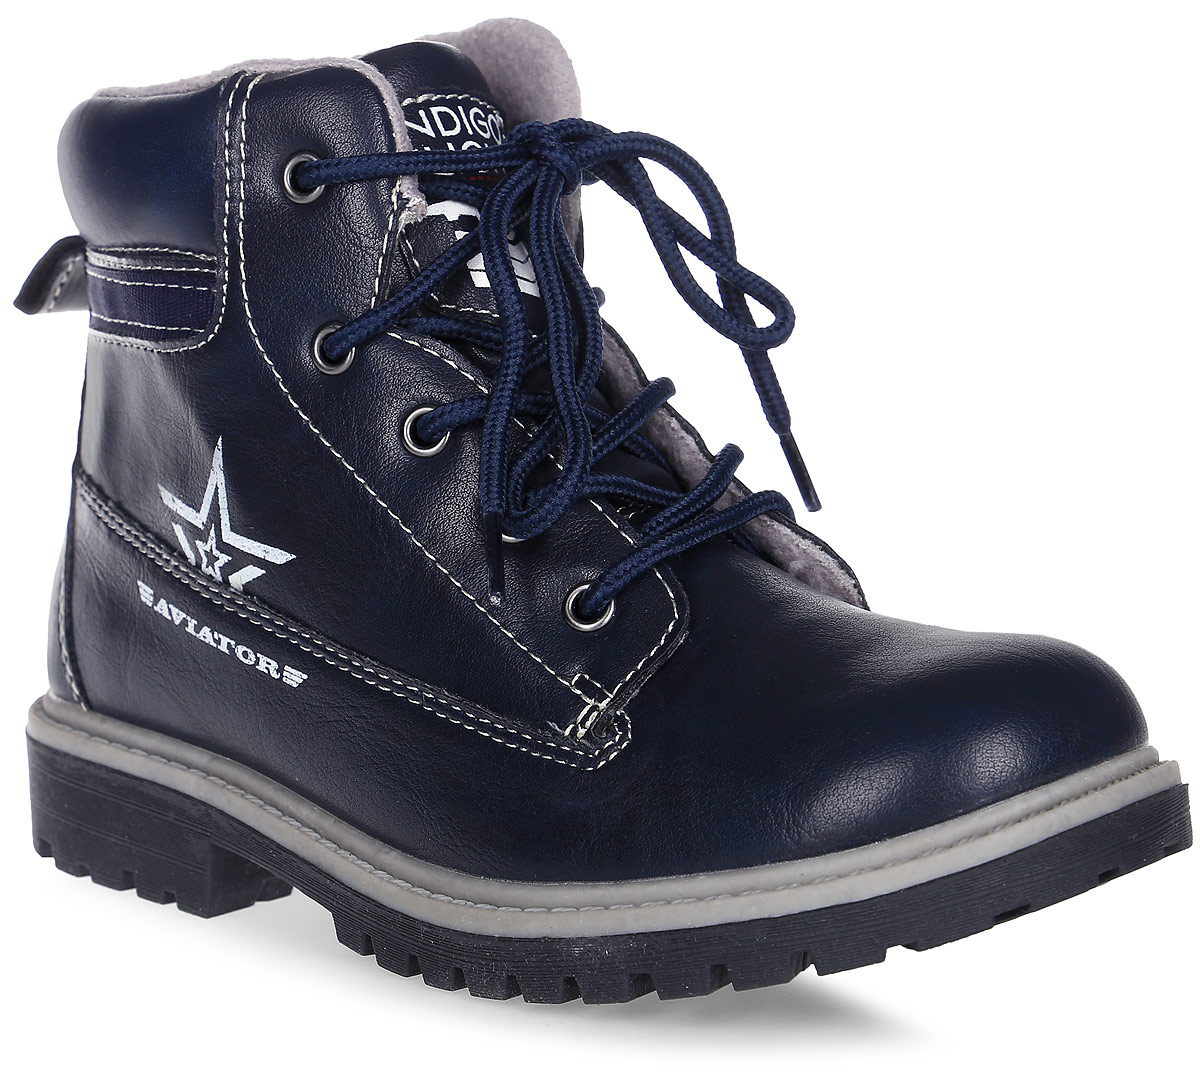 Ботинки для мальчика Indigo Kids, цвет: синий. 51-257B/12. Размер 2851-257B/12Очаровательные детские ботинки от Indigo Kids заинтересуют вашего модника с первого взгляда. Модель выполнена из искусственной кожи. Внутренняя поверхность и стелька выполненные из байки, предотвращают натирание и гарантируют комфорт. Подъем дополнен классической шнуровкой, которая обеспечивает плотное прилегание модели к стопе и регулирует объем. Ботинки застегиваются на застежку-молнию, расположенную на одной из боковых сторон. Благодаря такой застежке ребенок может самостоятельно надевать обувь. Подошваоснащена рифлением для лучшей сцепки с поверхностью. Чудесные ботинки займут достойное место в гардеробе вашего ребенка.